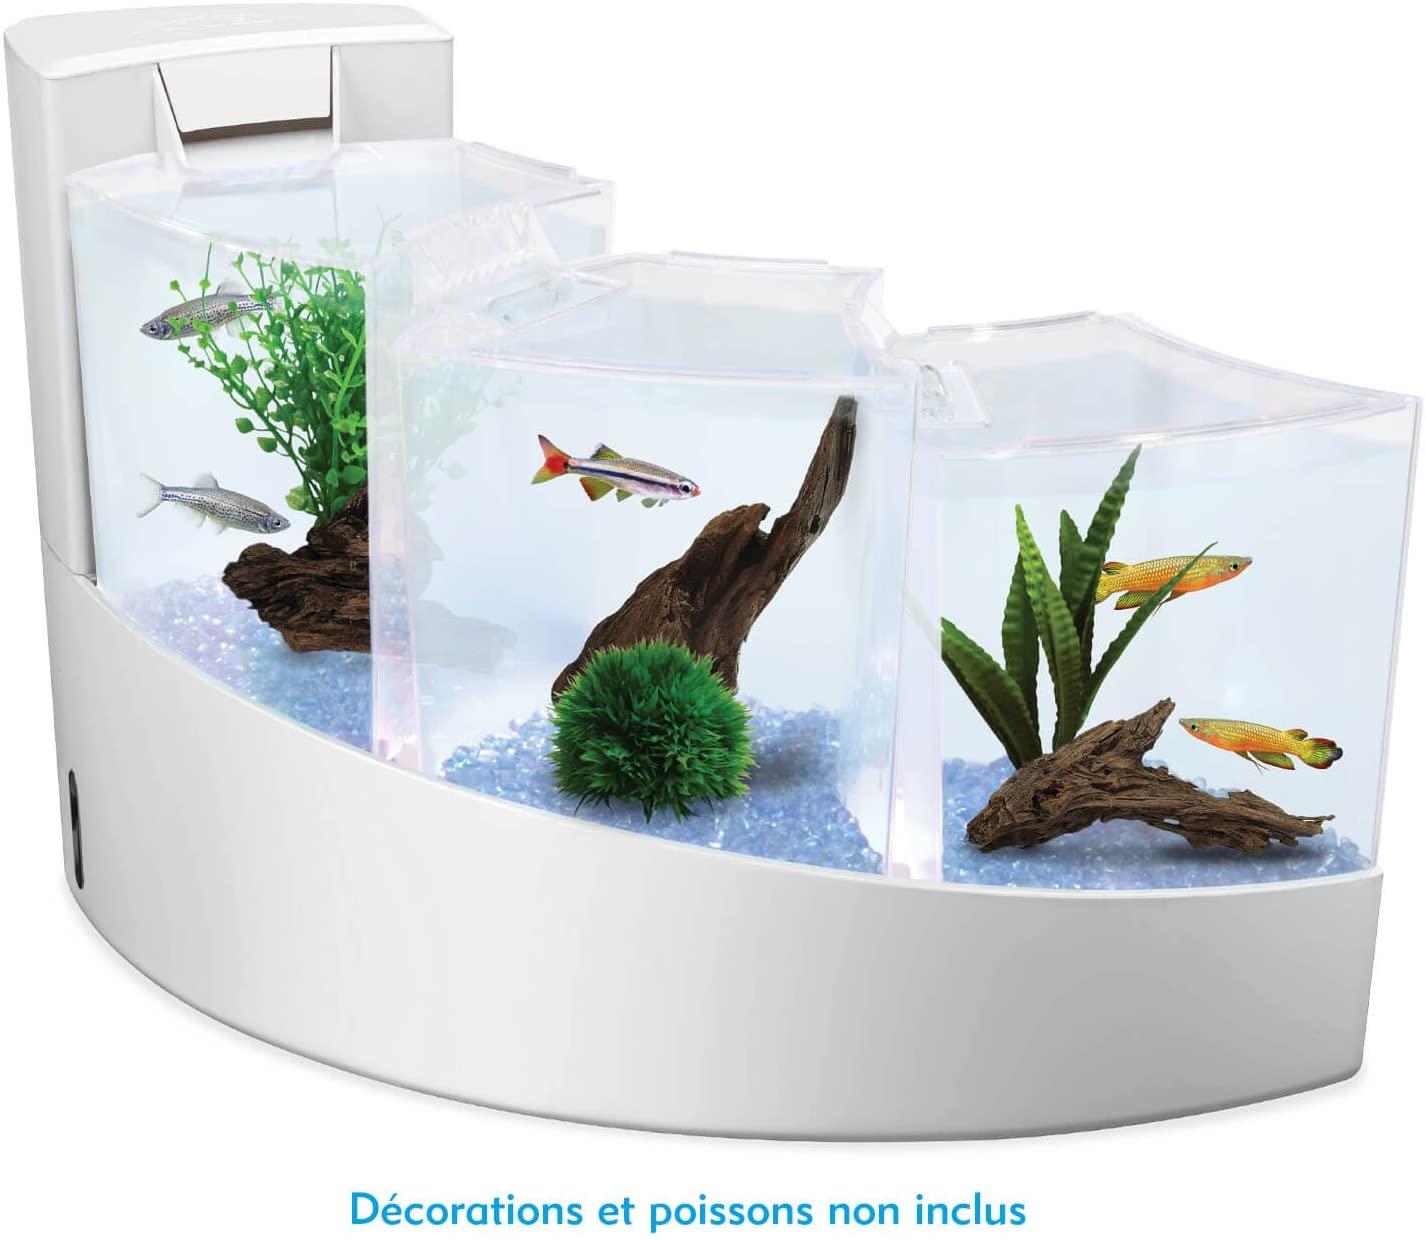 El acuario aquafalls es muy elegante, se puede convertir en el acuario perfecto para regalar estas navidades, para la primera comunión y para cumpleaños.